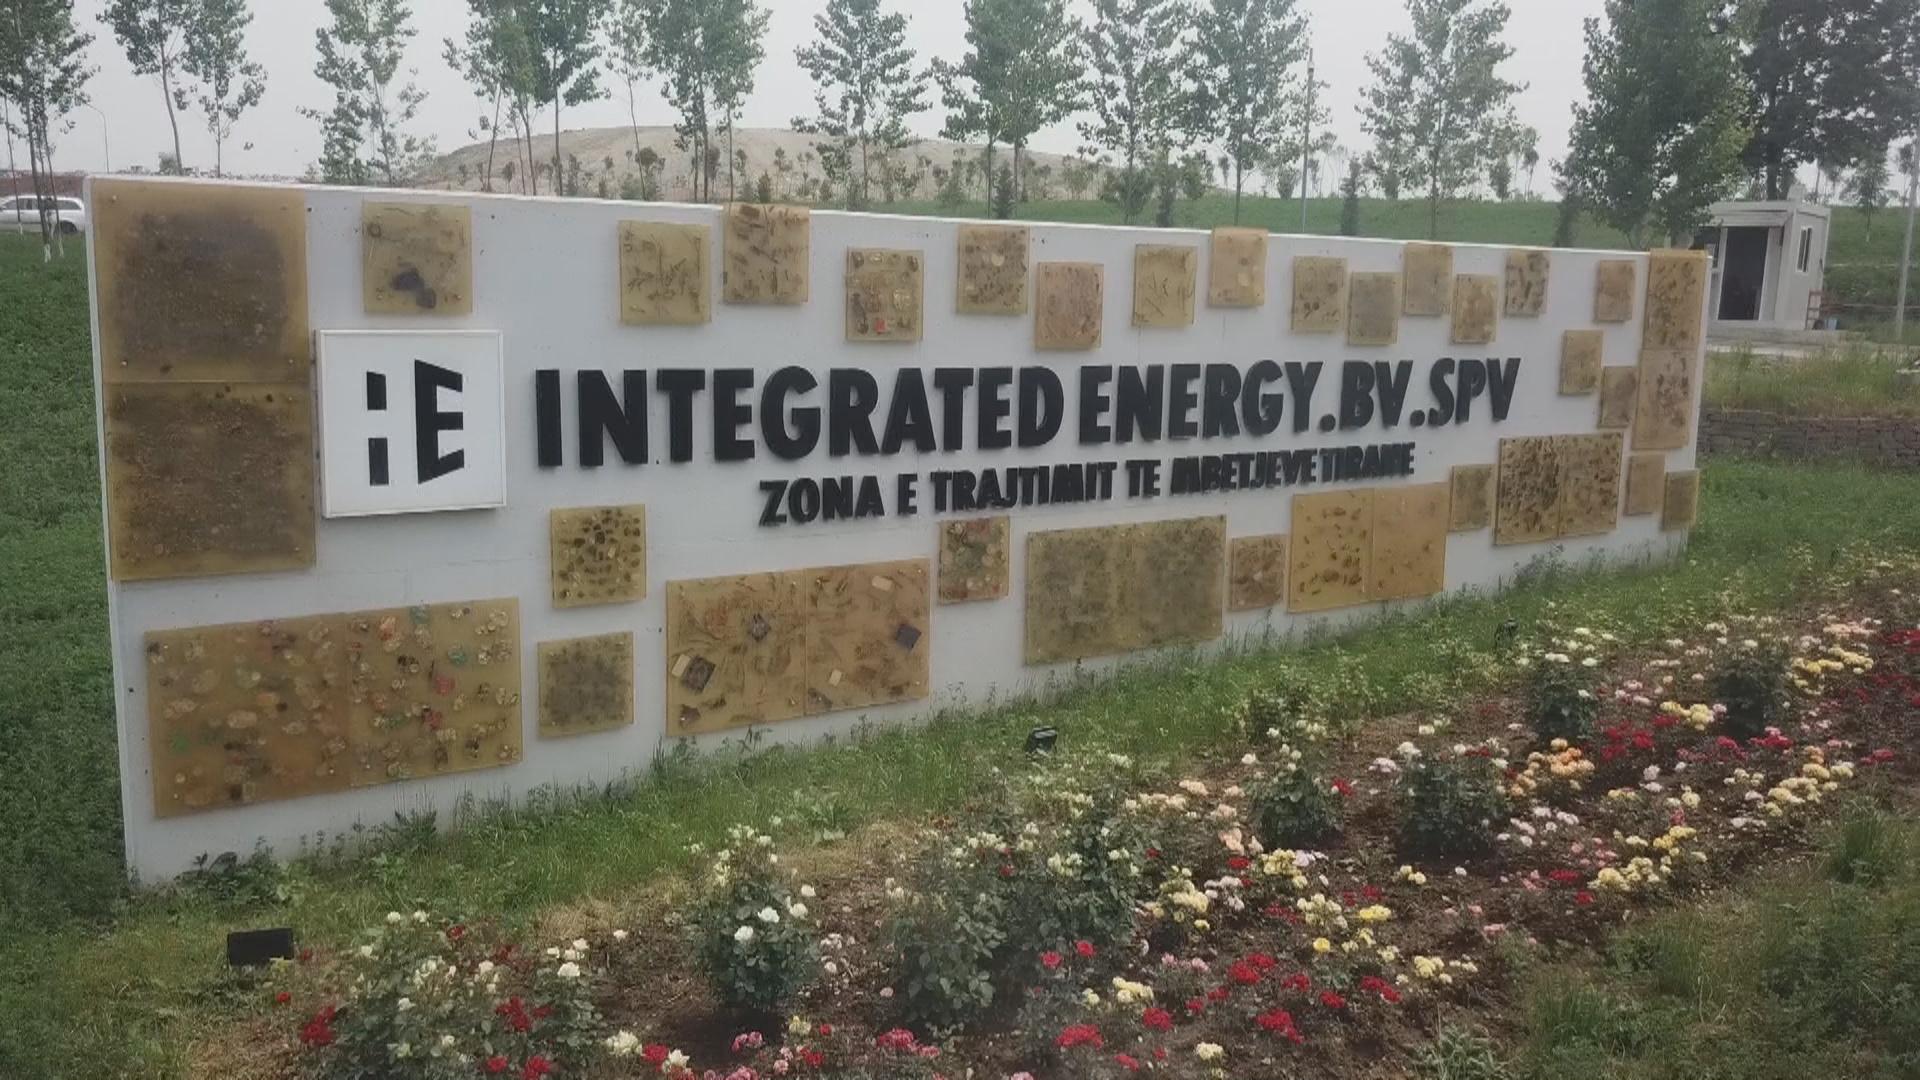 """Integrated Energy"""" BV SPV mbështet me gjashtë bursa studentët e mjedisit në  universitetin """"Polis"""" - Balkanweb.com - News24"""